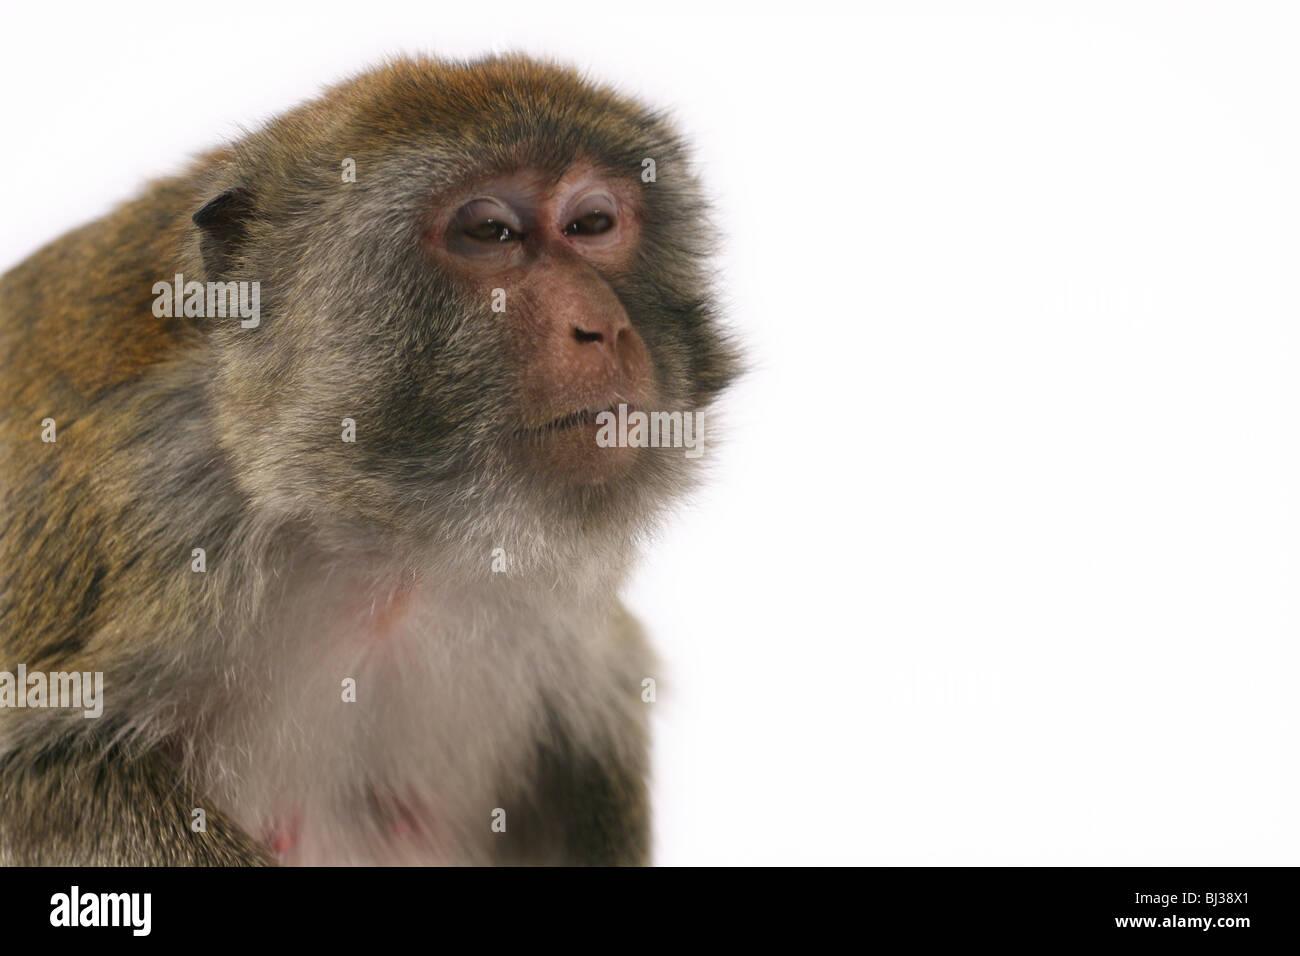 Monkey looking tired and sleepy - Stock Image